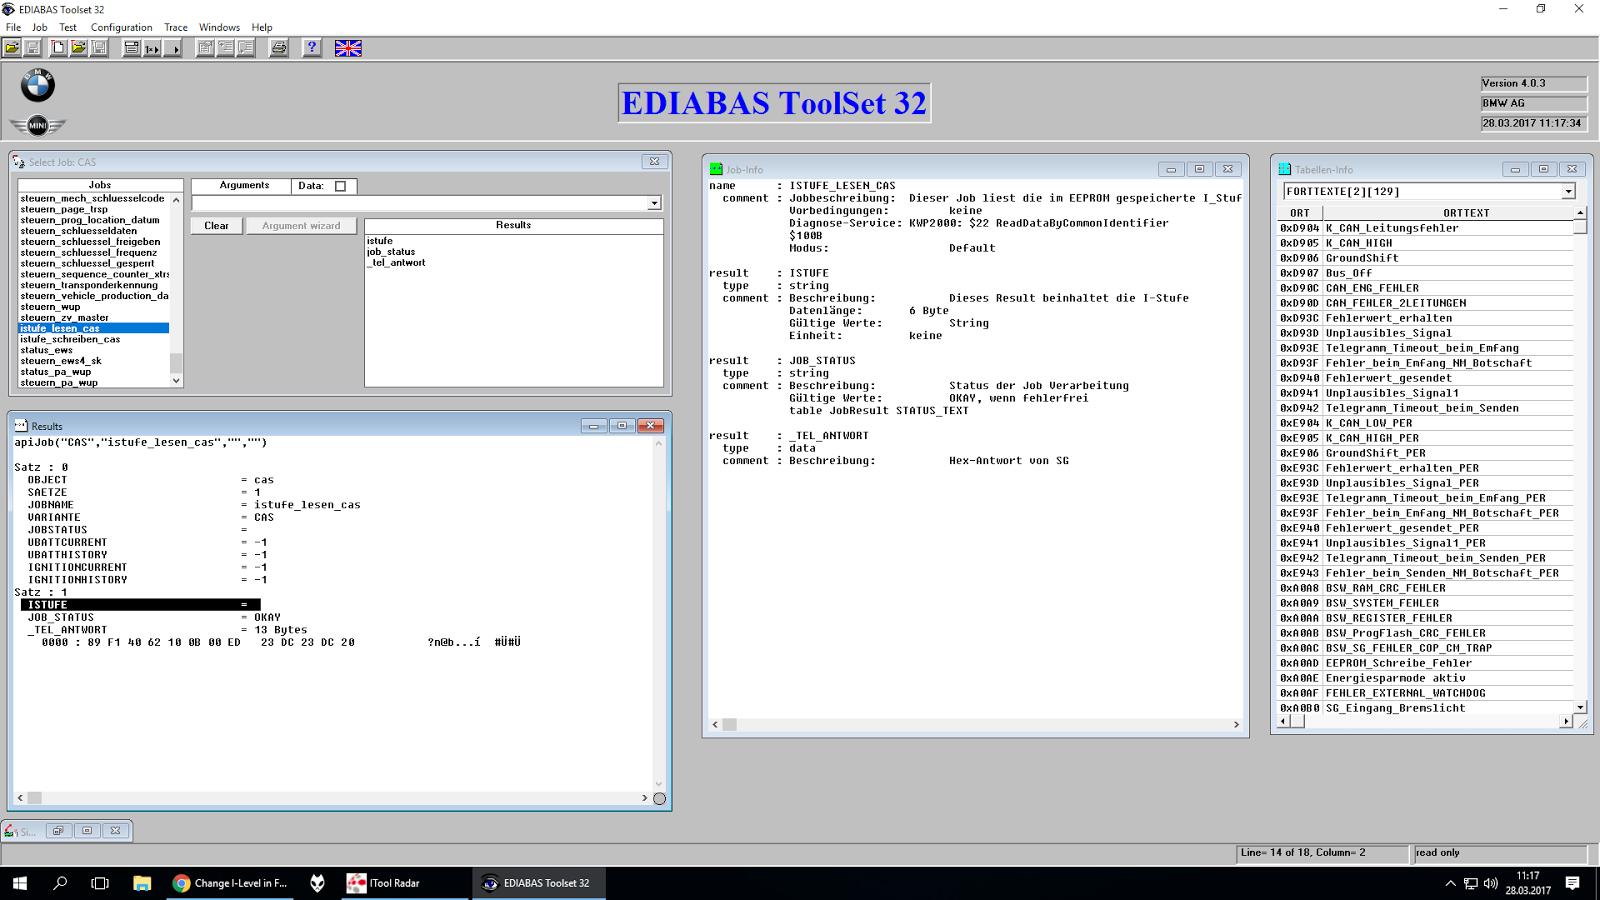 ediabas tools 32